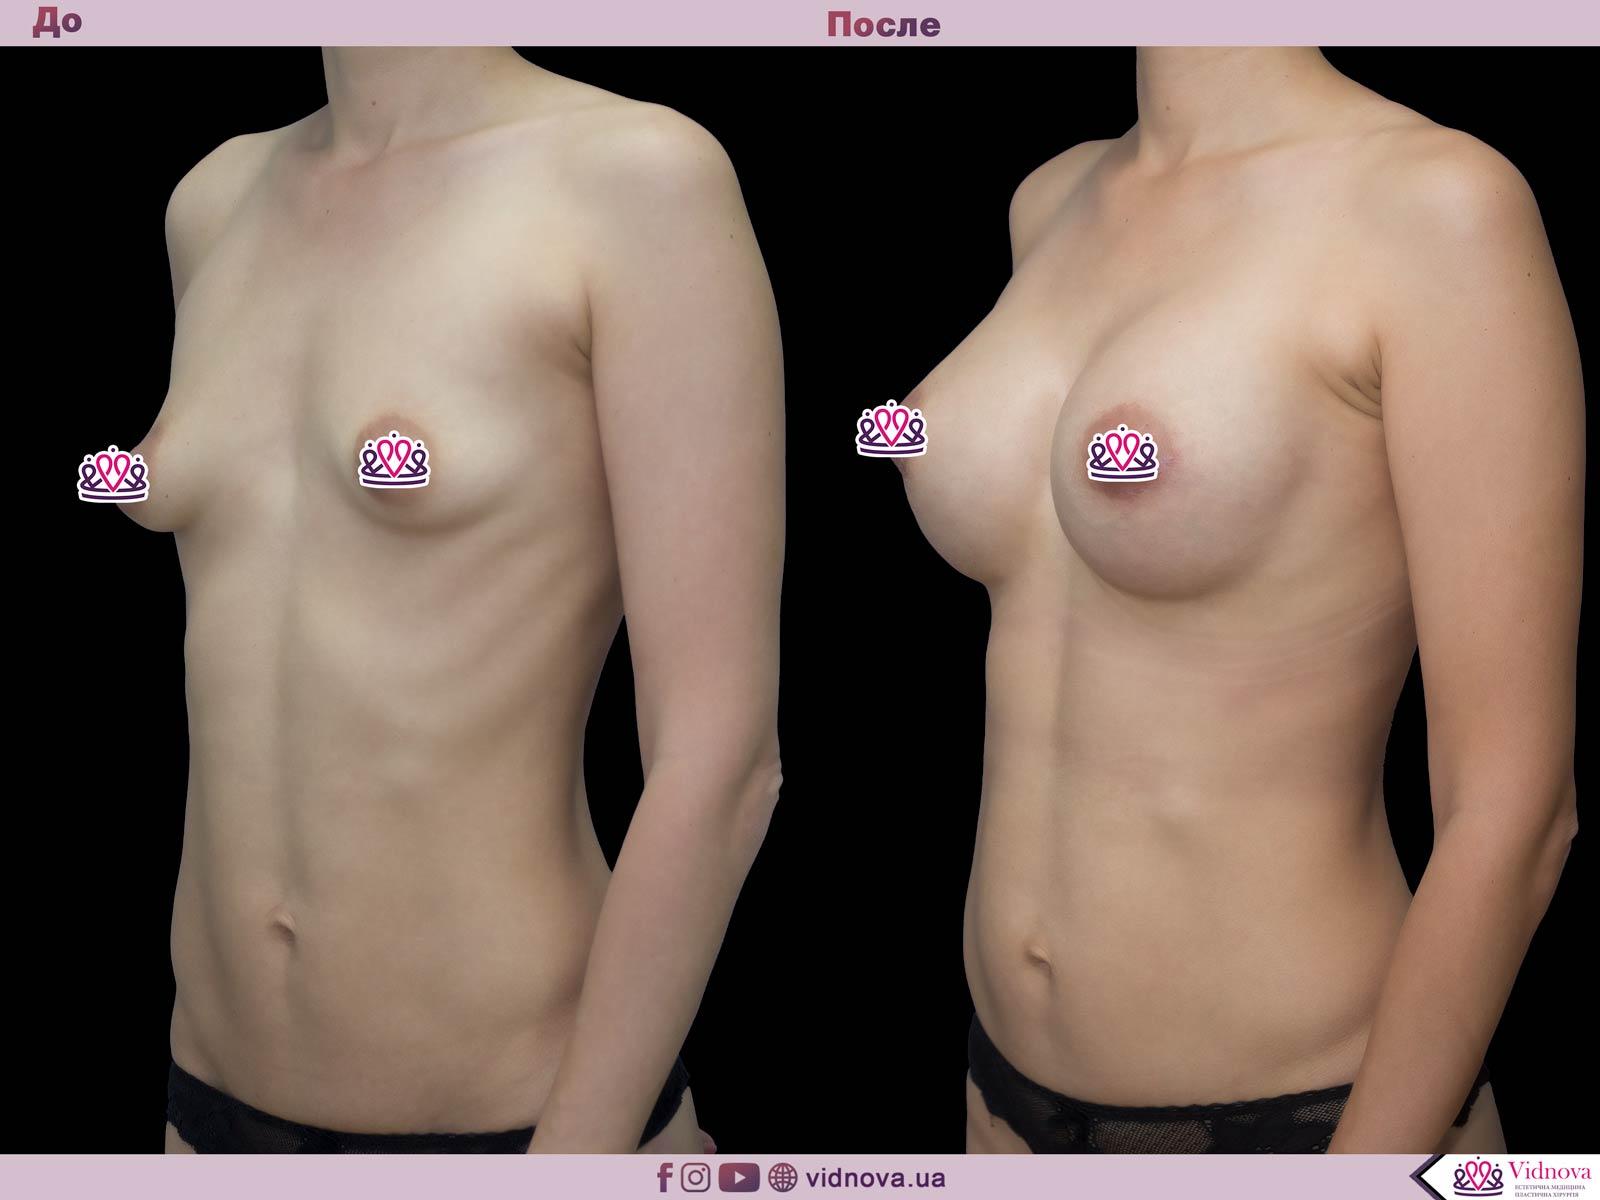 Пластика груди: результаты до и после - Пример №49-1 - Светлана Работенко